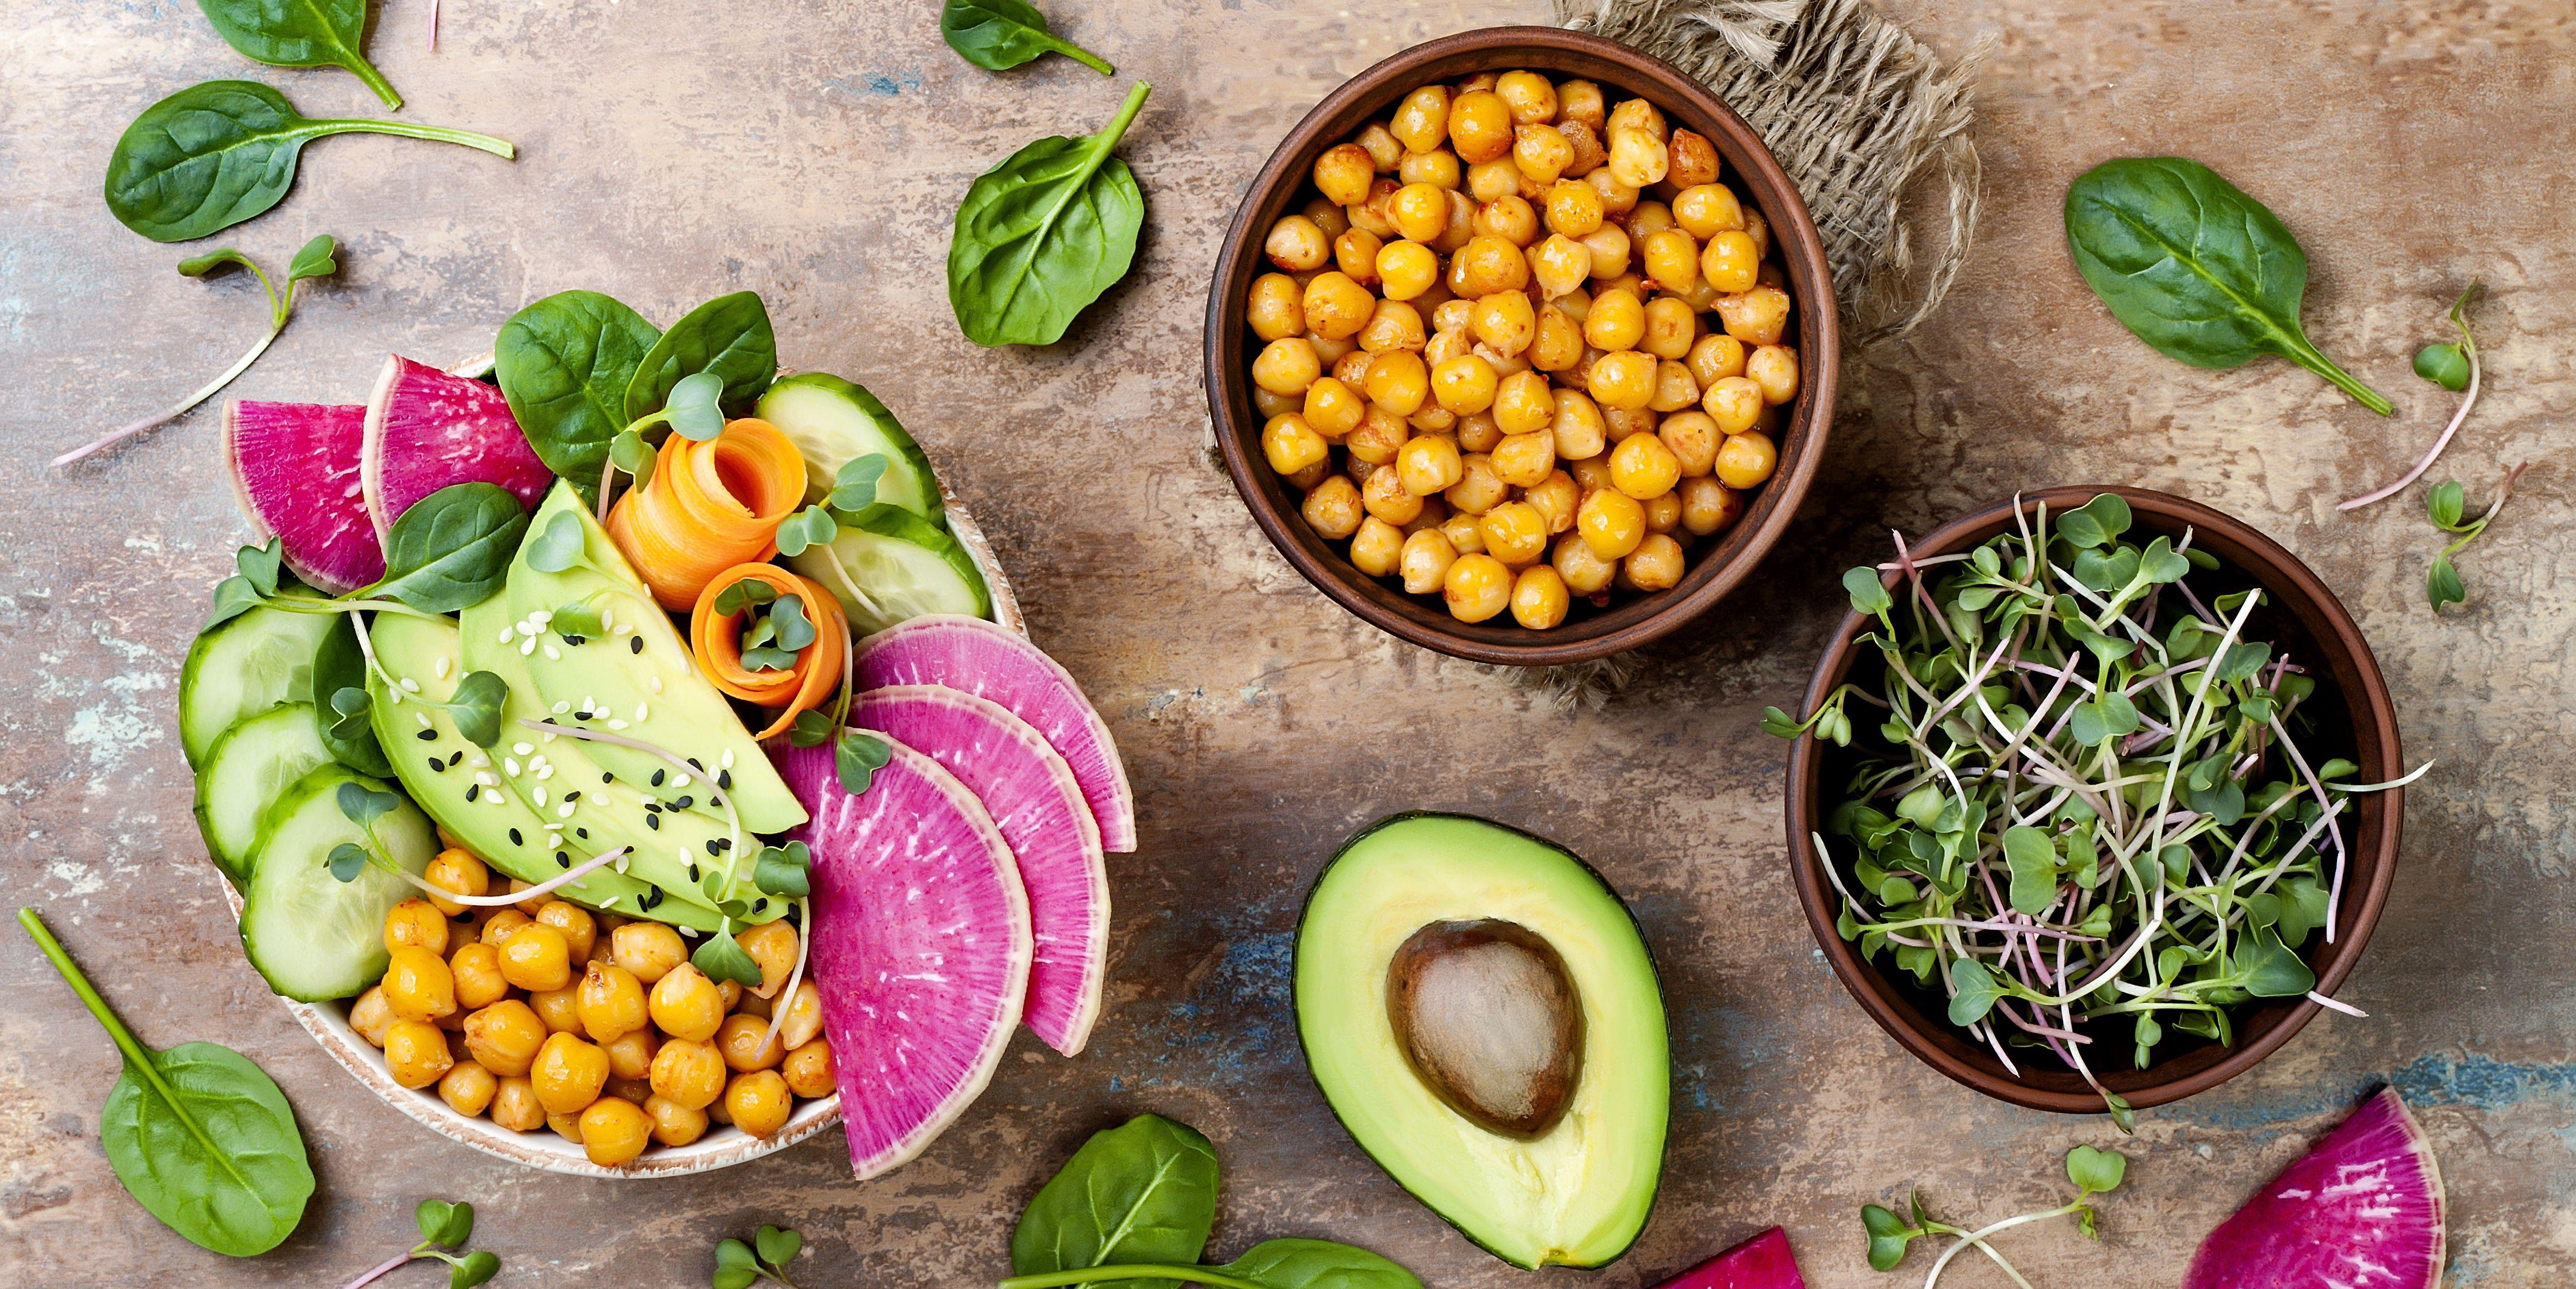 Cómo comenzar una dieta vegana 1